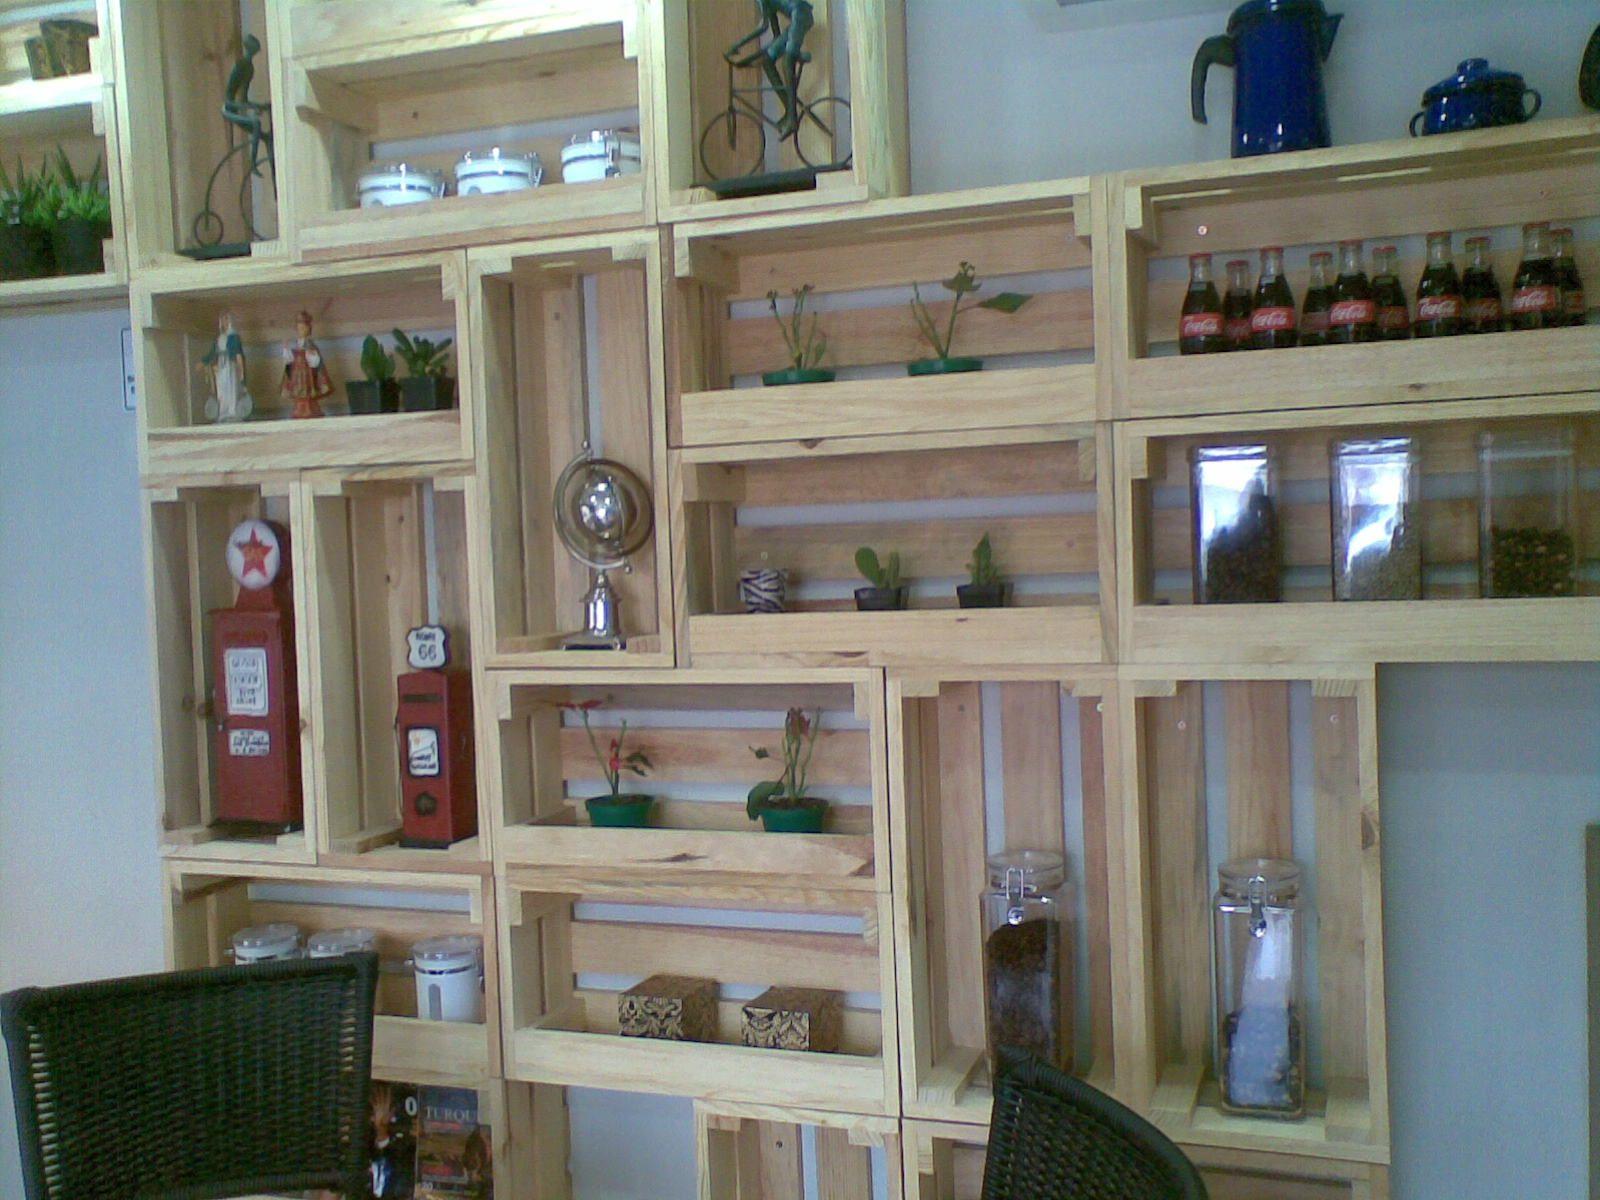 Adesivo De Kombi ~ armarios de cozinha feito de pallets Pesquisa Google Ideias para a casa Pinterest More